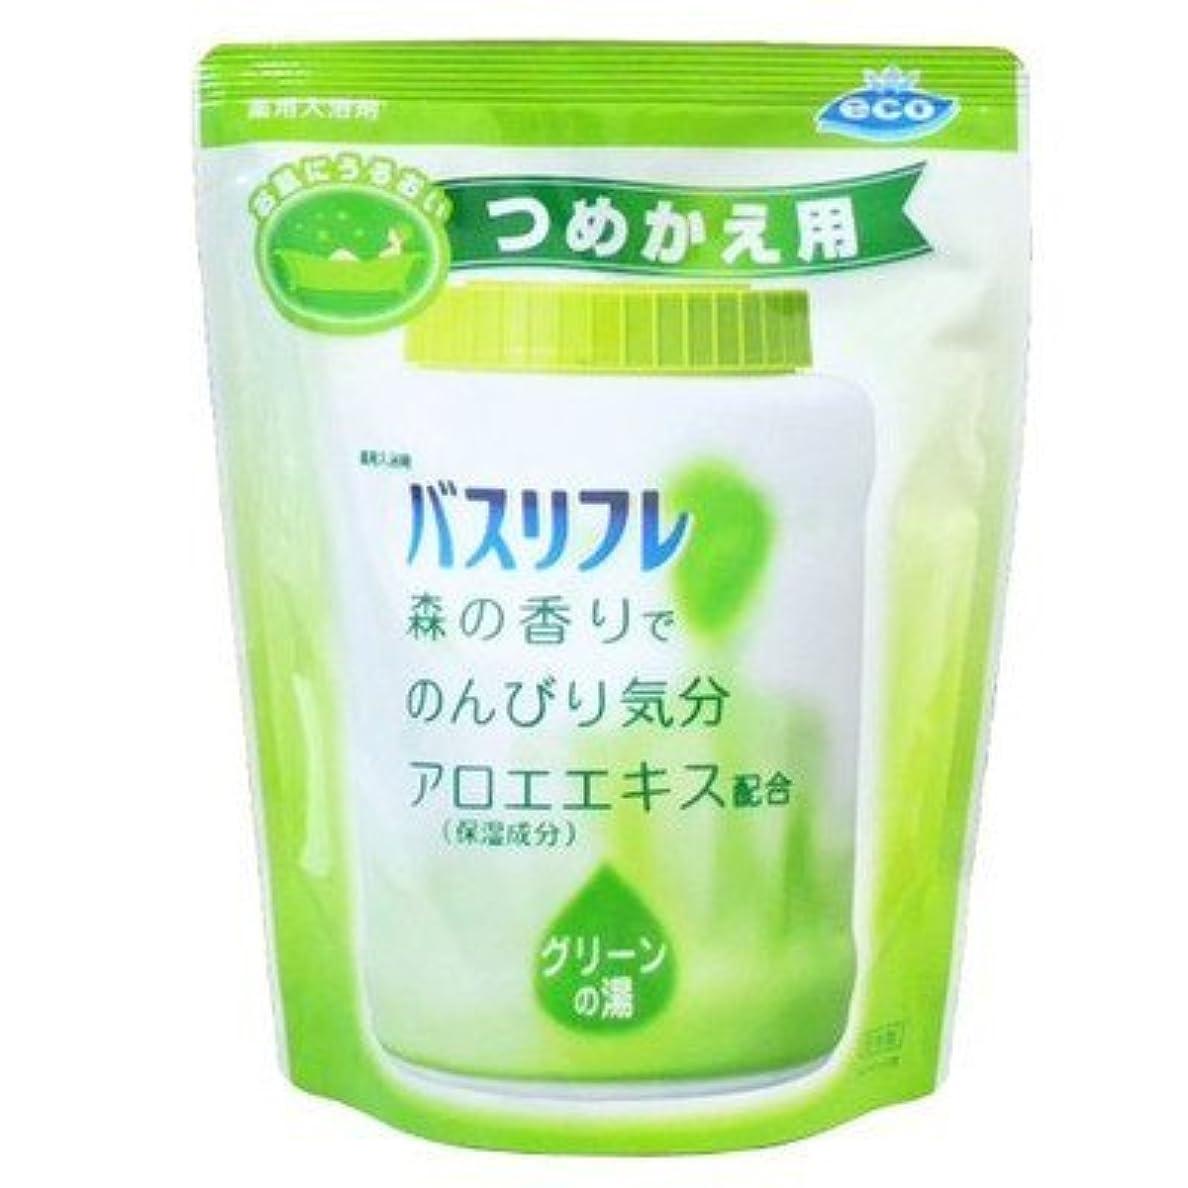 ファウル商標エンディング薬用入浴剤 バスリフレ グリーンの湯 つめかえ用 540g 森の香り (ライオンケミカル) Japan